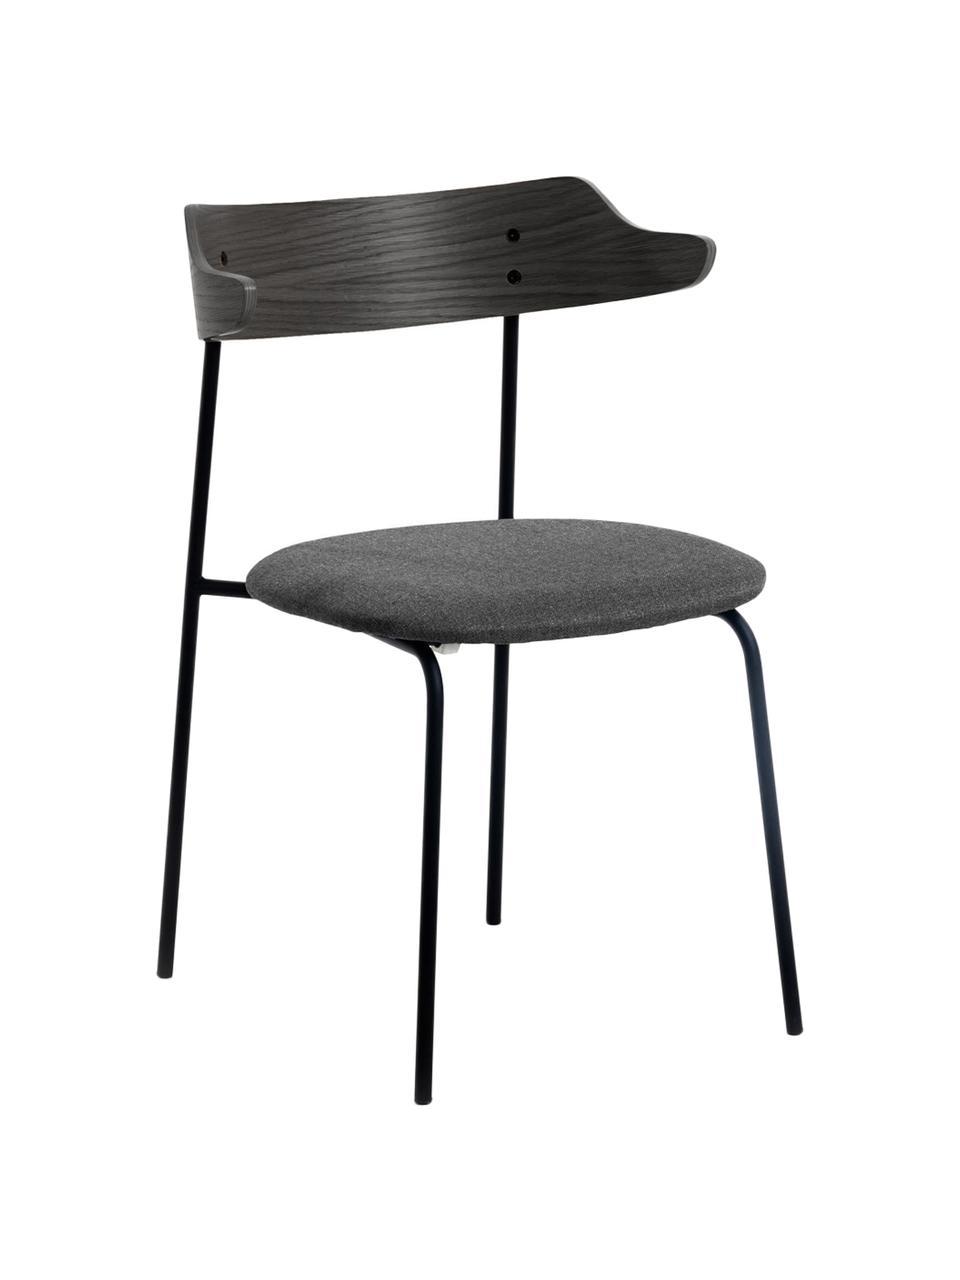 Krzesło tapicerowane Olympia, 2 szt., Czarny, S 52 x G 49 cm